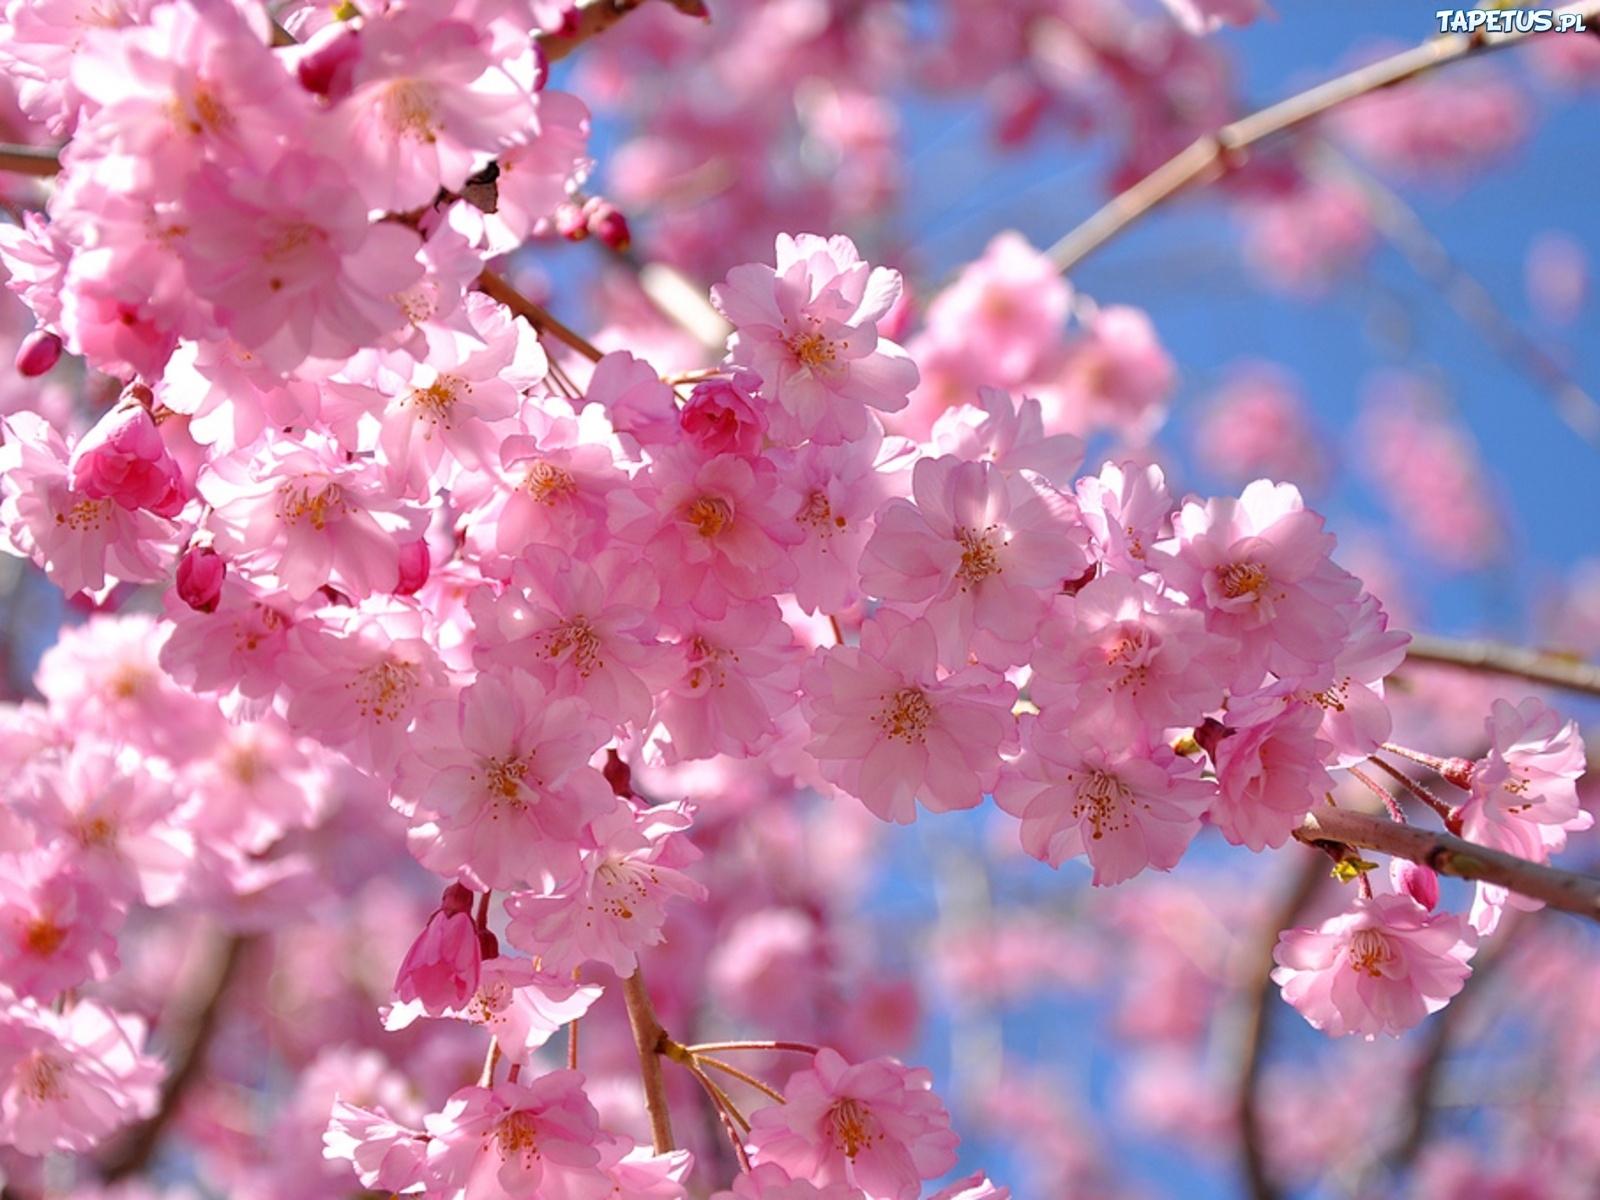 Tapeta Różowe, Kwiaty, Jabłoni, Wiosna